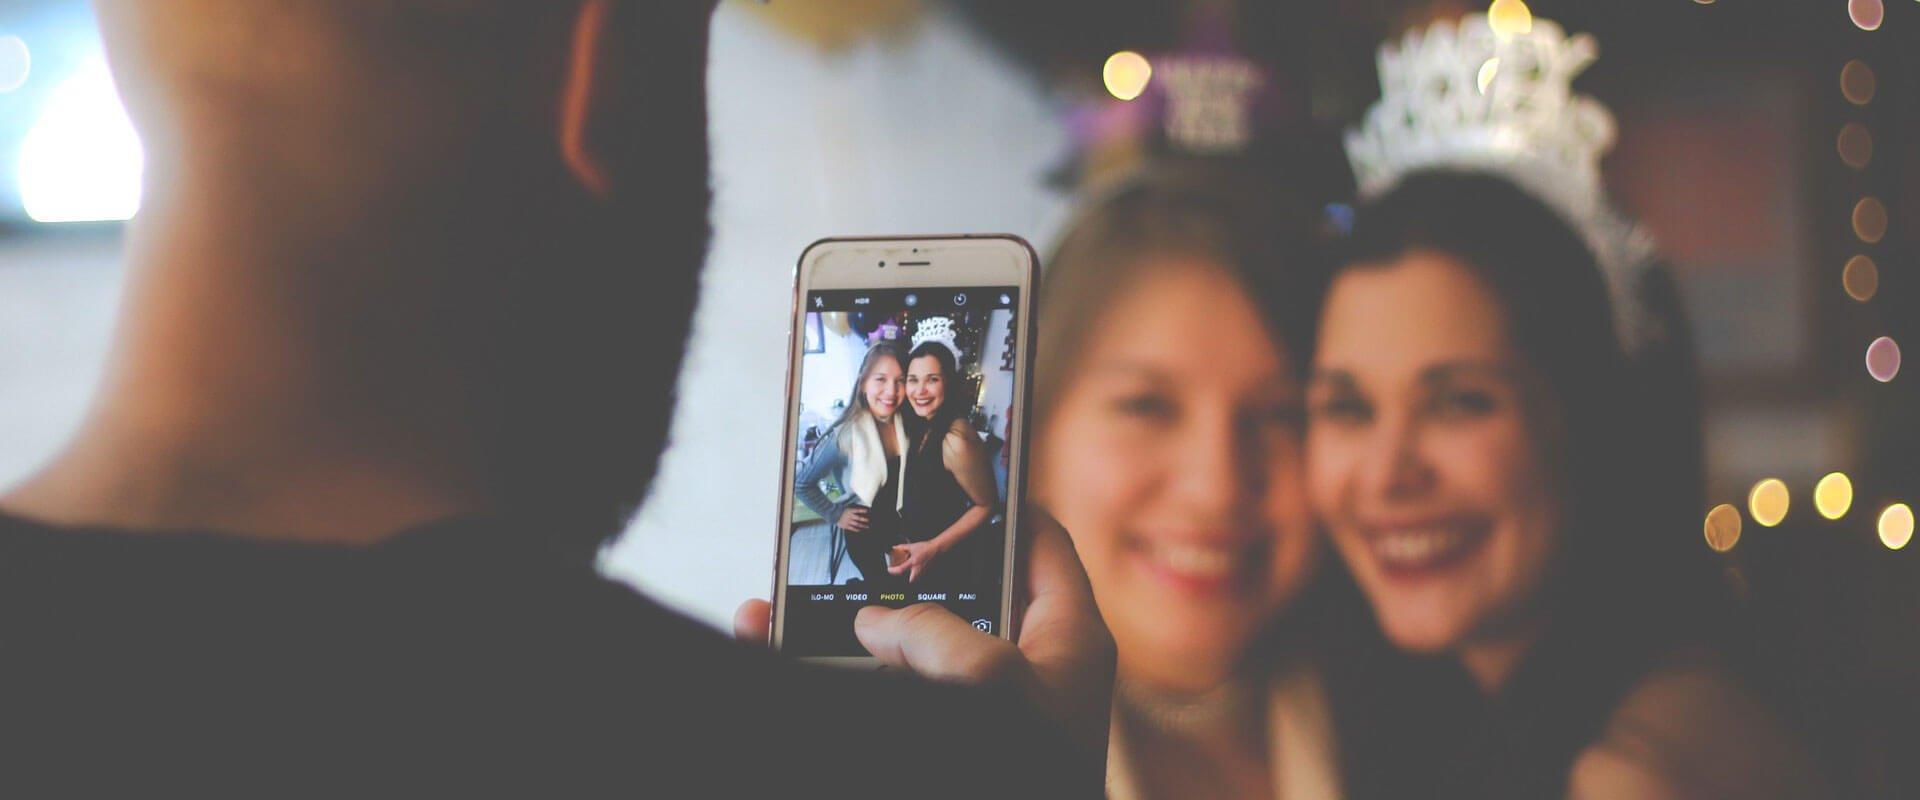 iphone zálohování fotografií